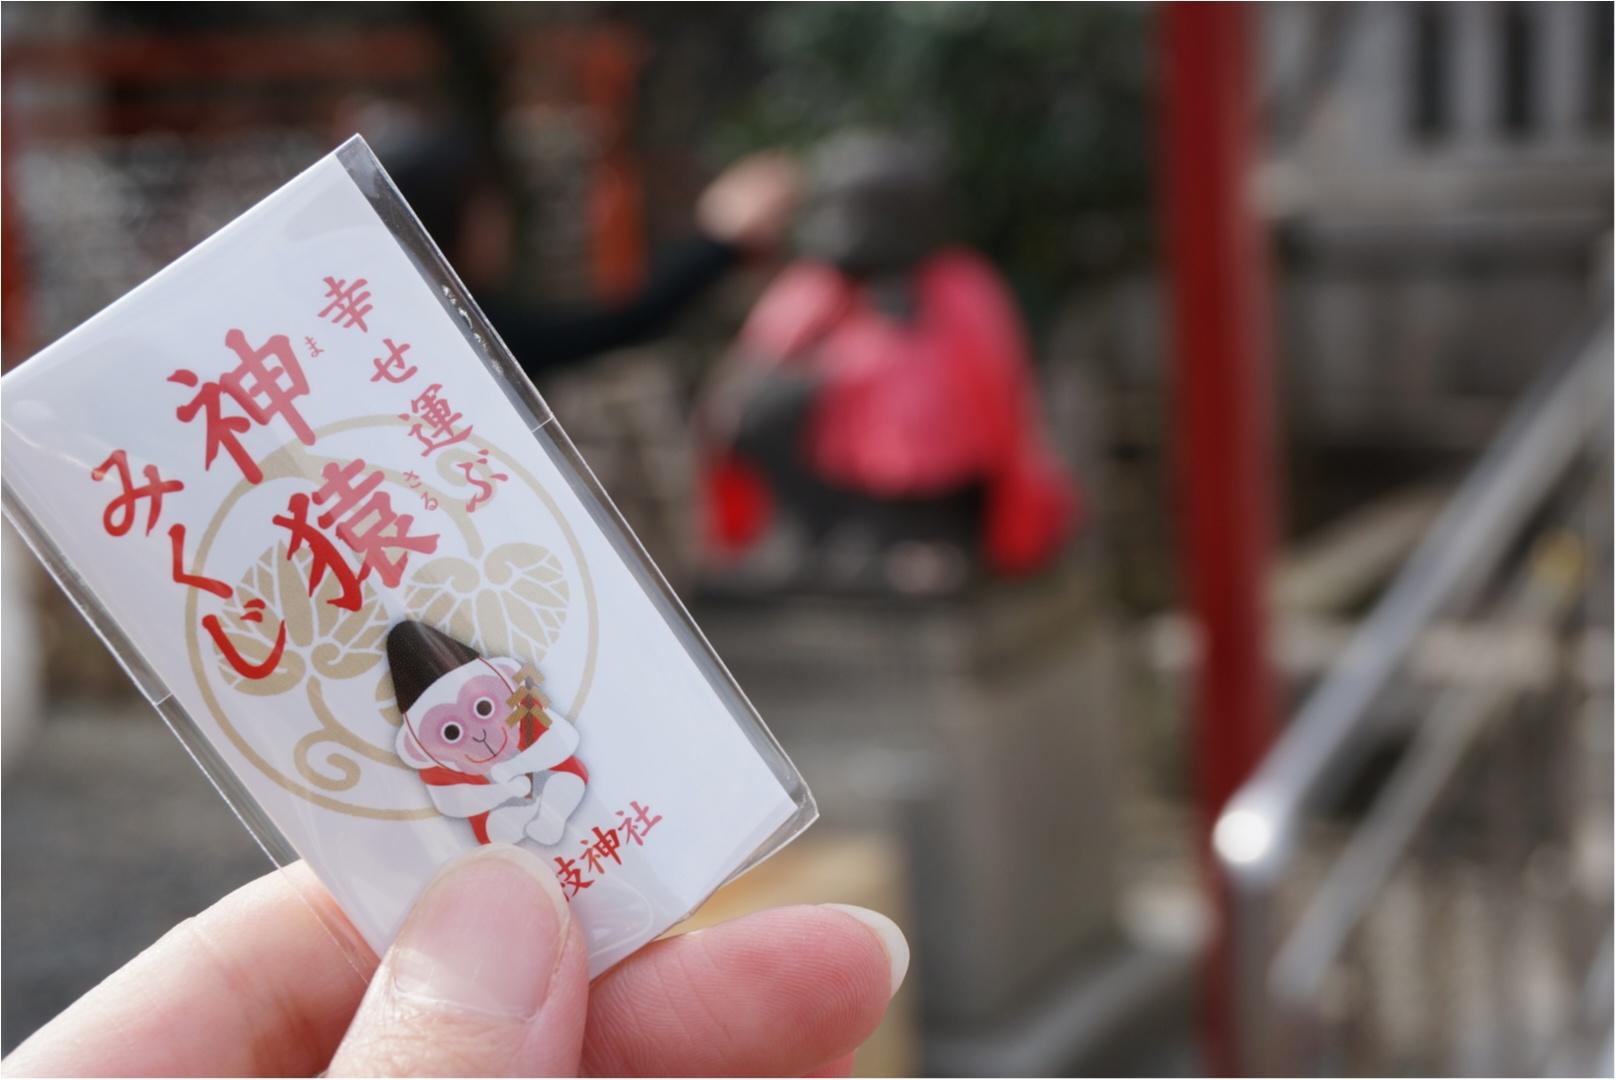 《幸せを運ぶ七色の神猿守が可愛い‼︎》東京赤坂にある日枝神社でひける人気の神猿みくじ♪_1